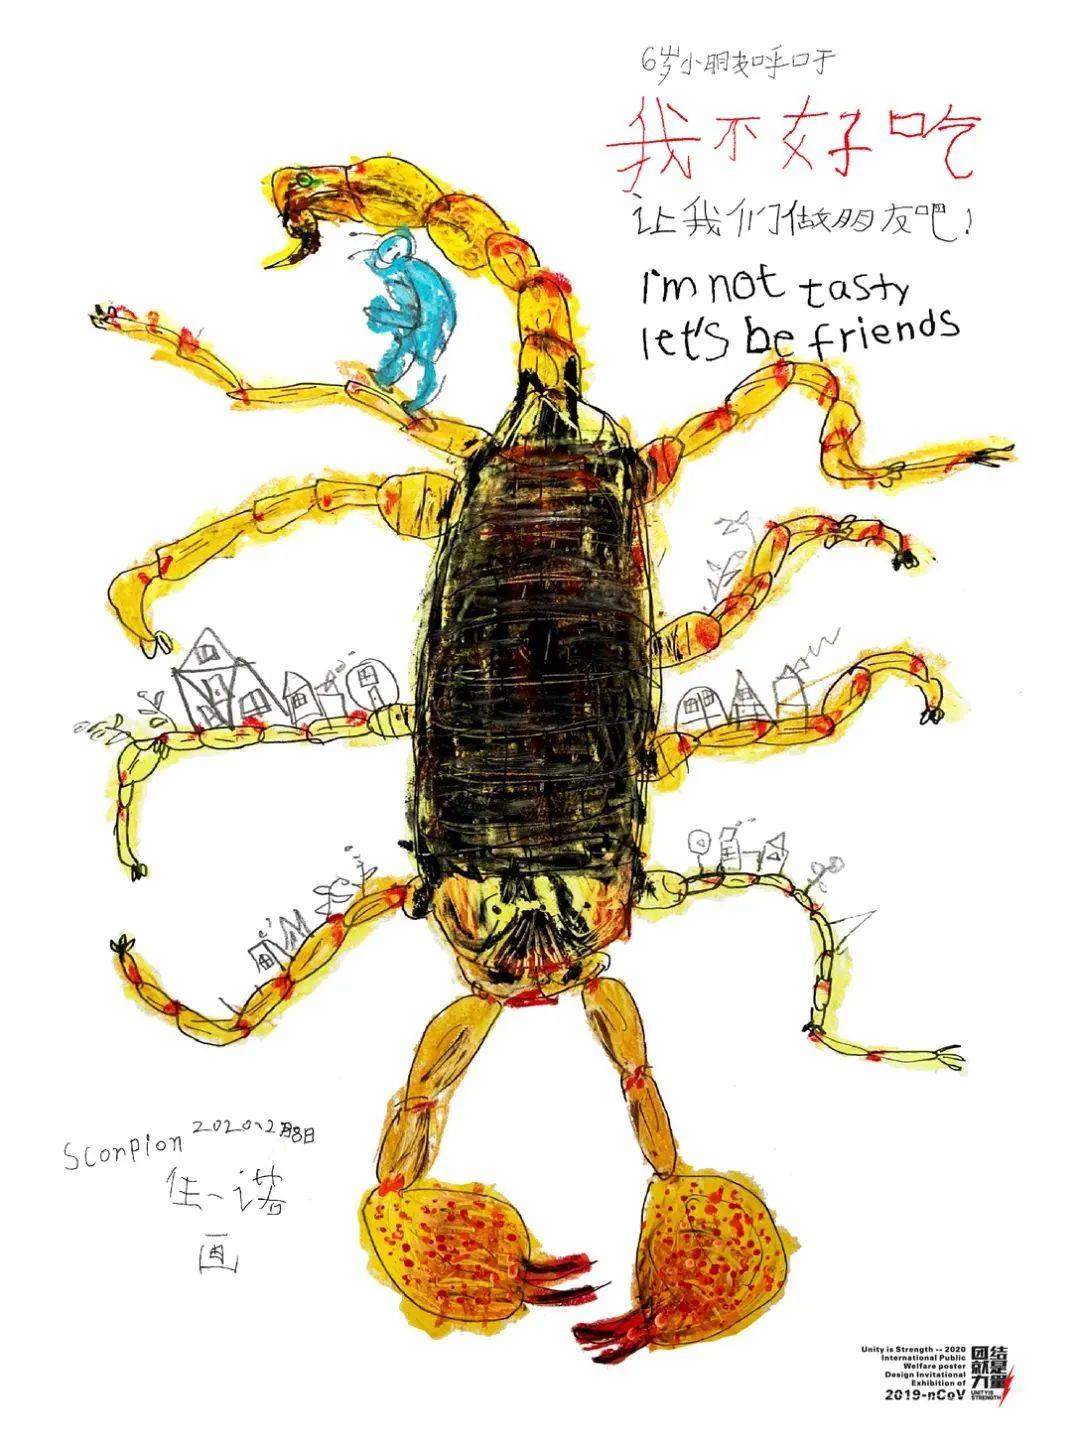 6岁蒙古族小设计师用插画拯救野生动物,为抗疫助力! 第17张